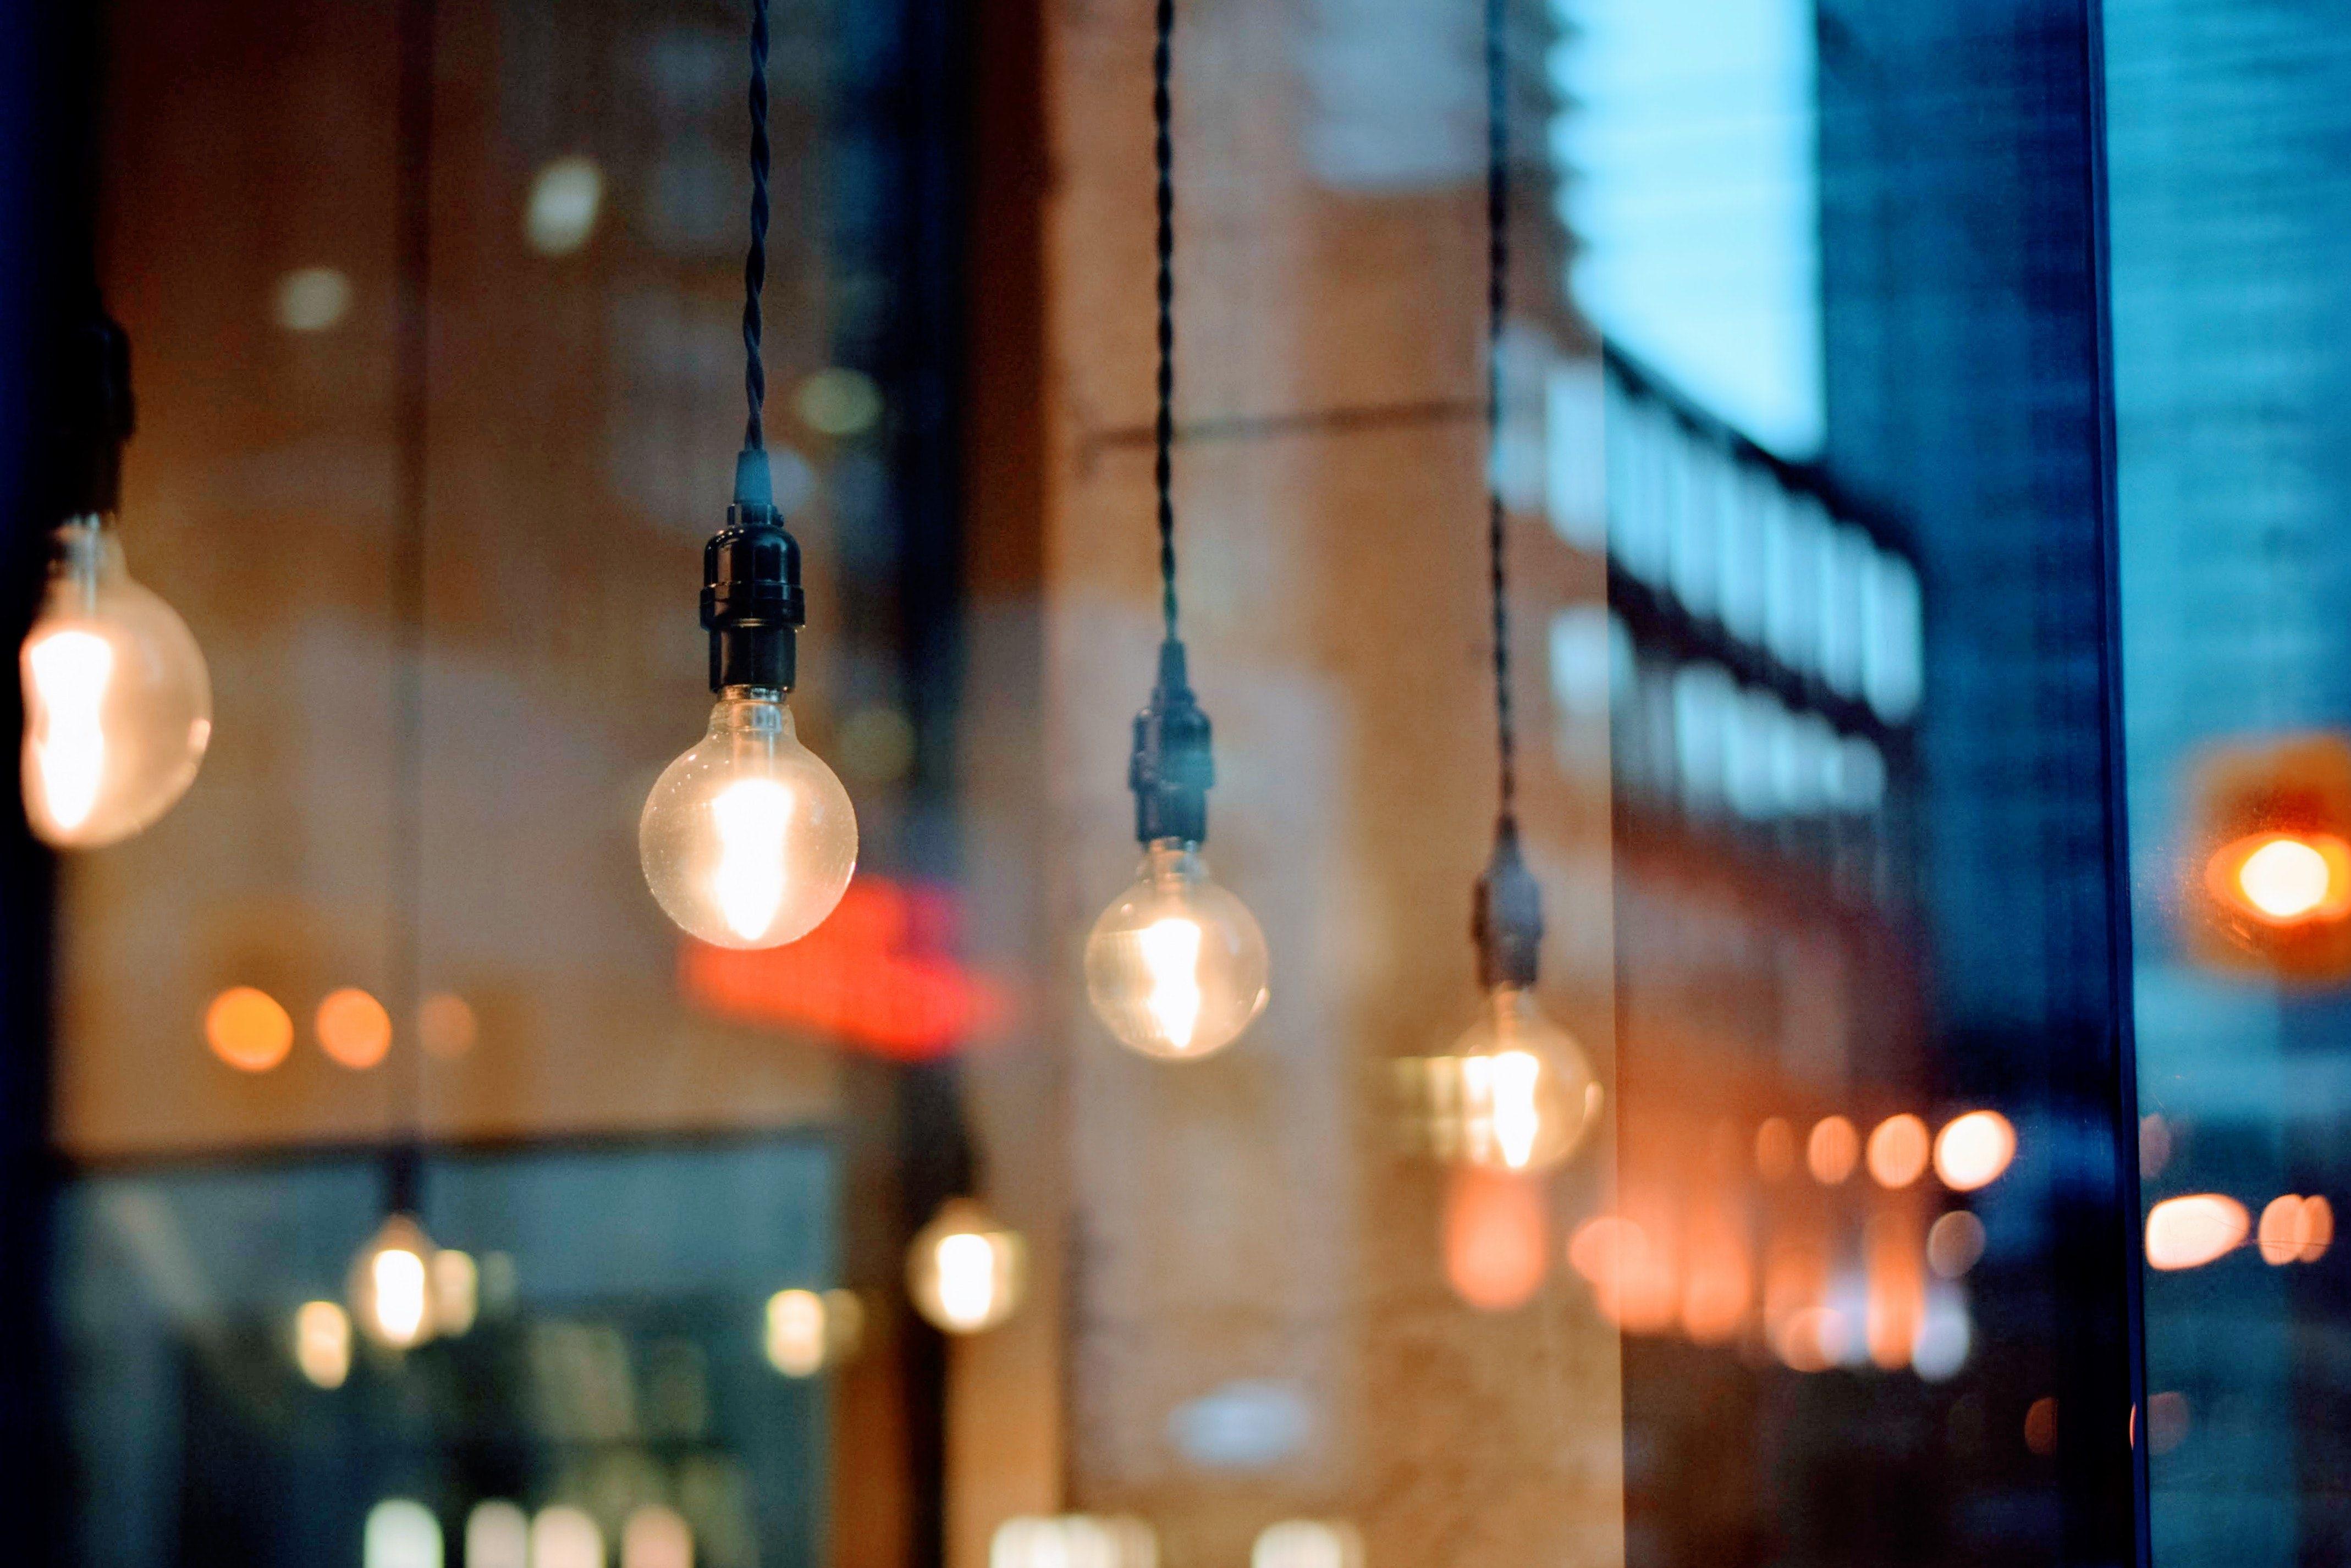 Jual Lampu Philips Led Bergaransi Lampu